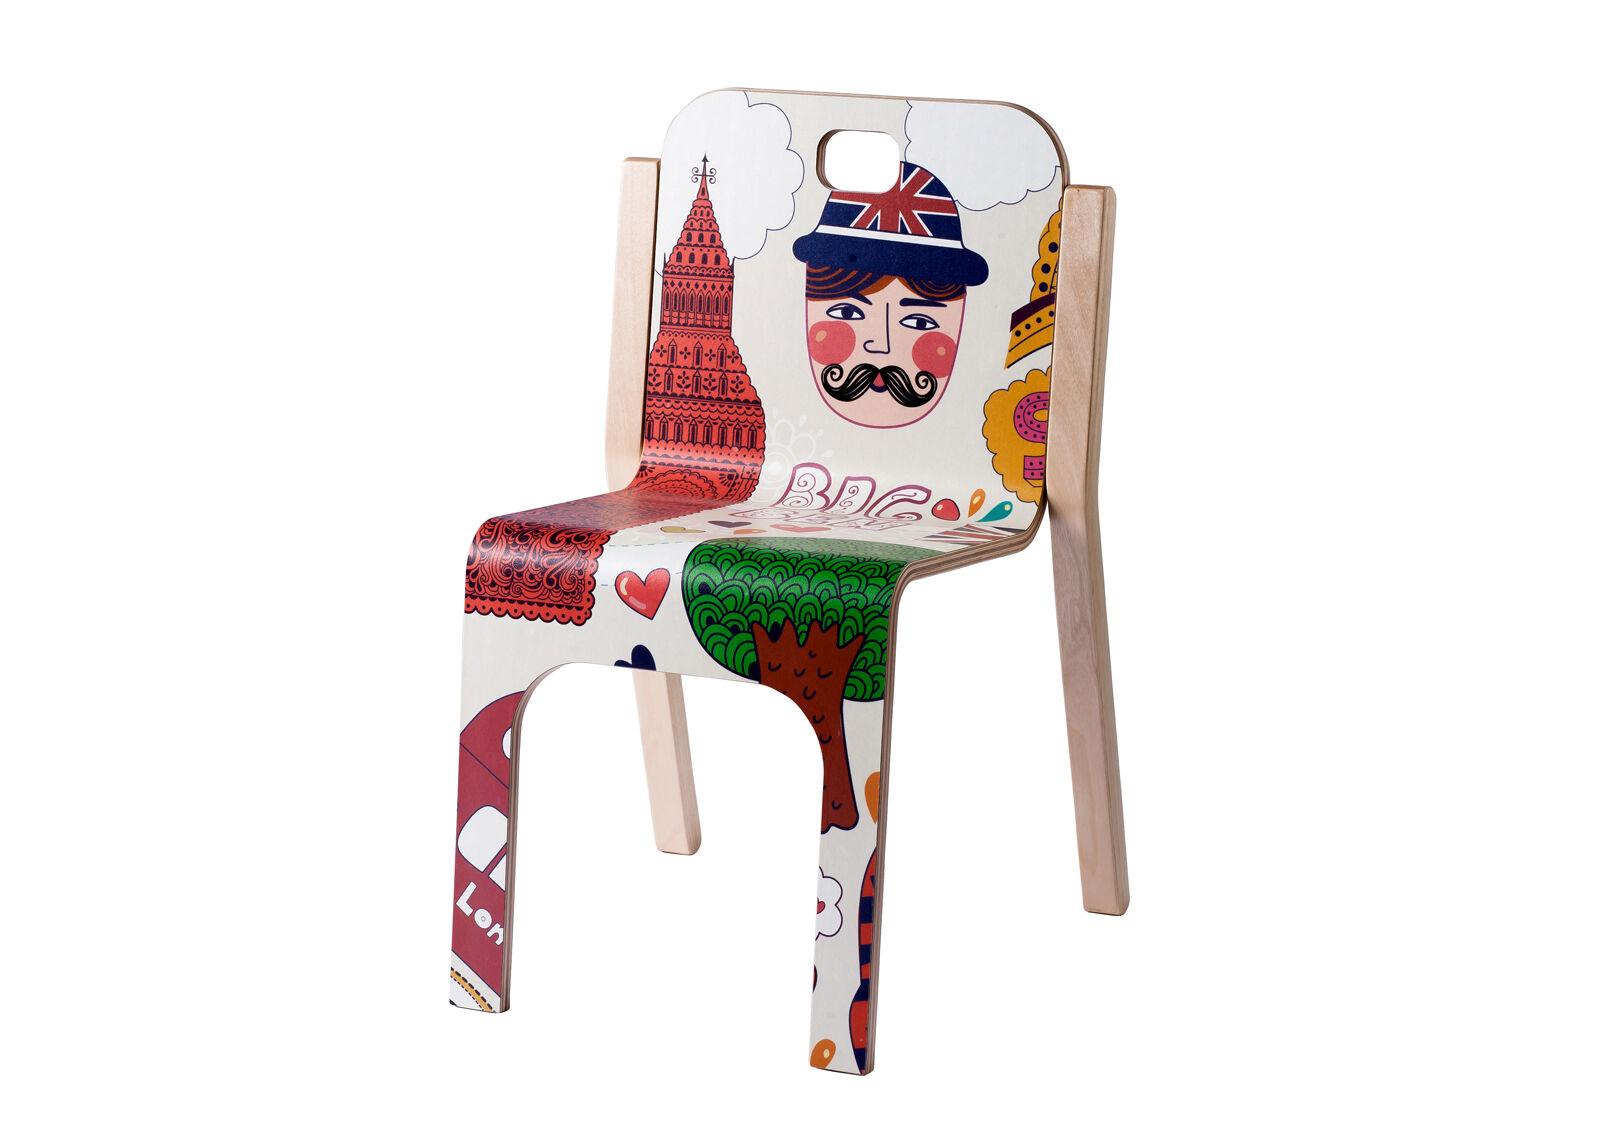 TARMEKO KIDS Lasten tuoli TOMMY 3 LONDON h 57/35 cm